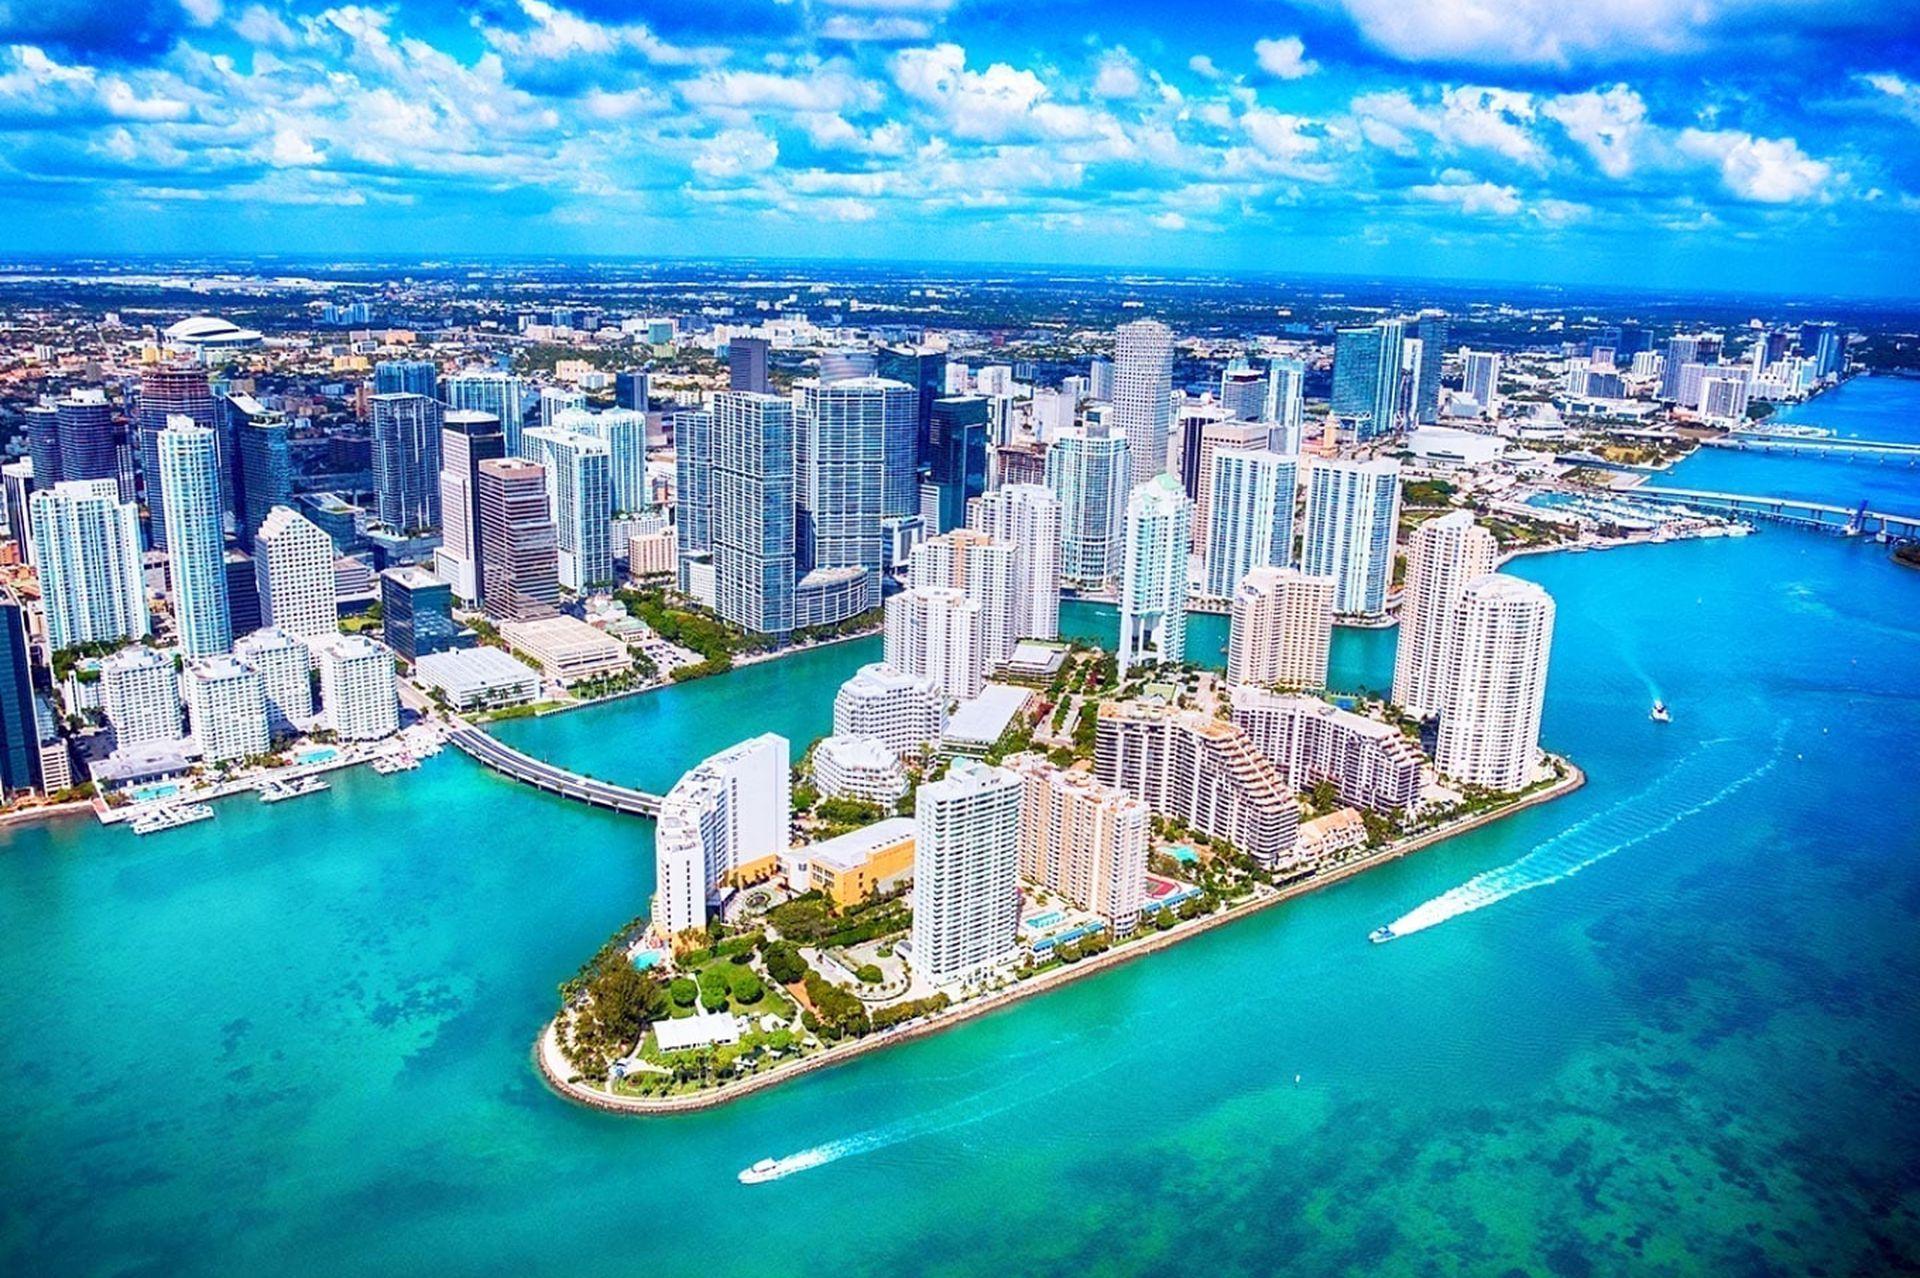 Se calcula que casi el 70% de la población que reside en Miami es de origen hispano o latino.